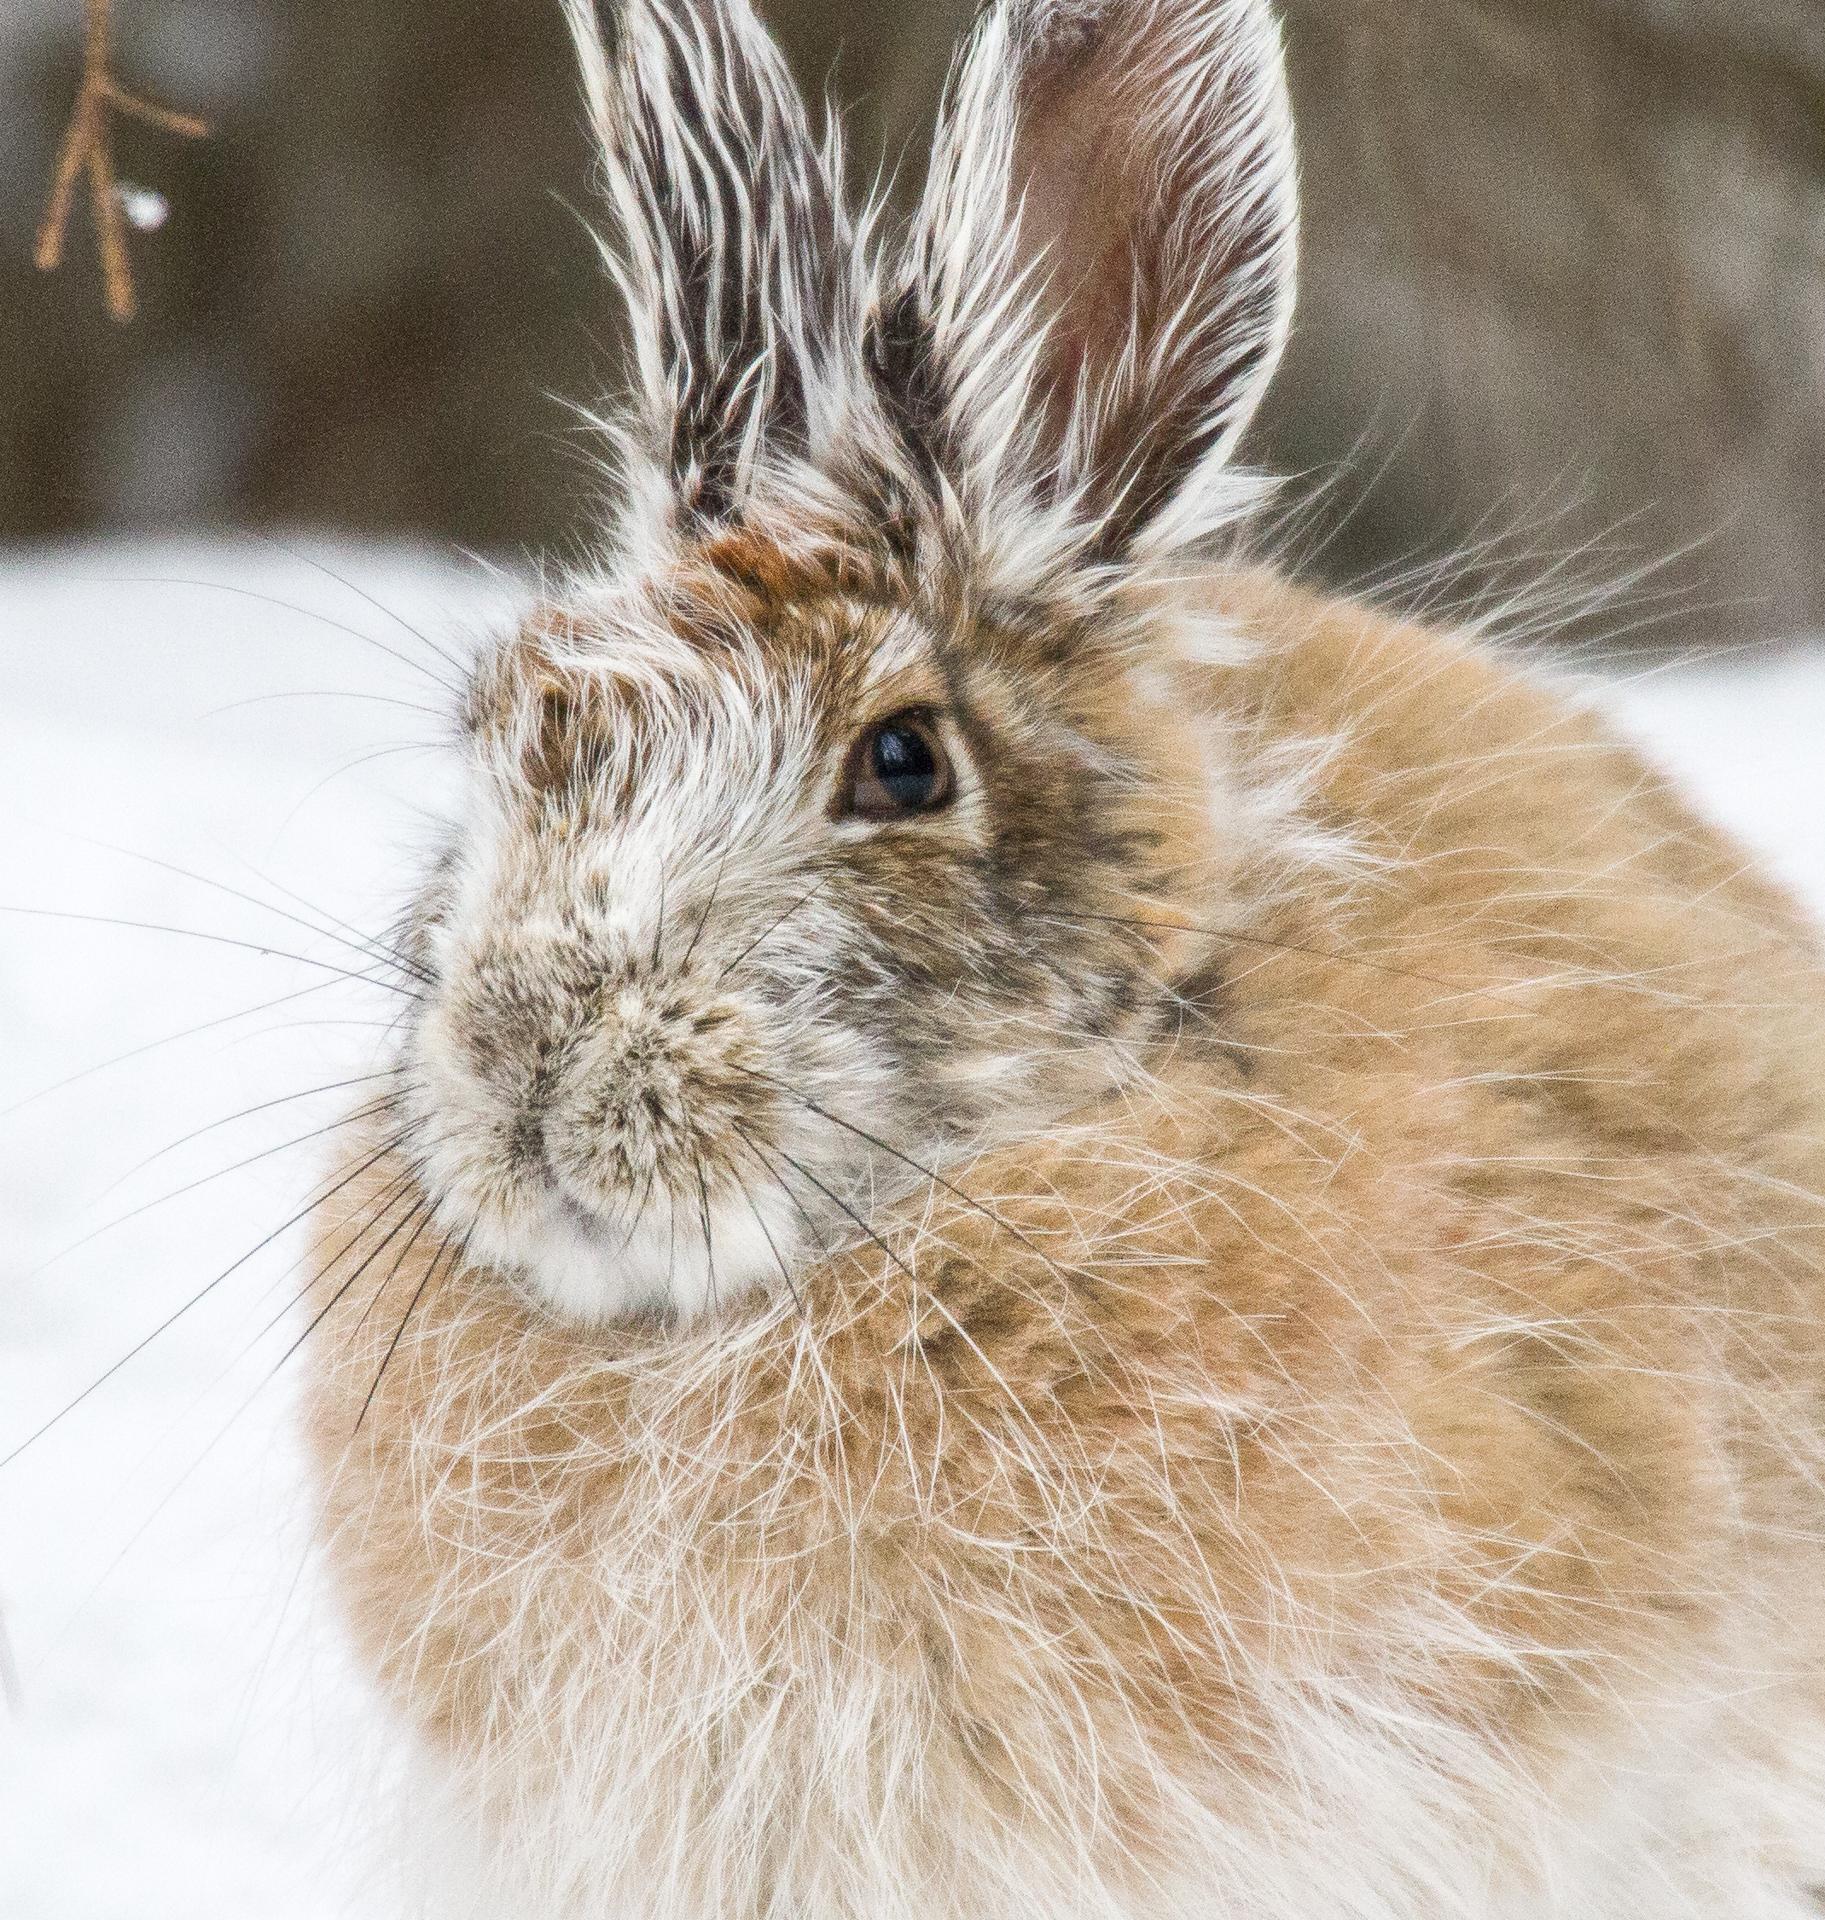 Snowshoe Hare Warren Nelson Memorial Bog Sax-Zim Bog MN IMG_0801